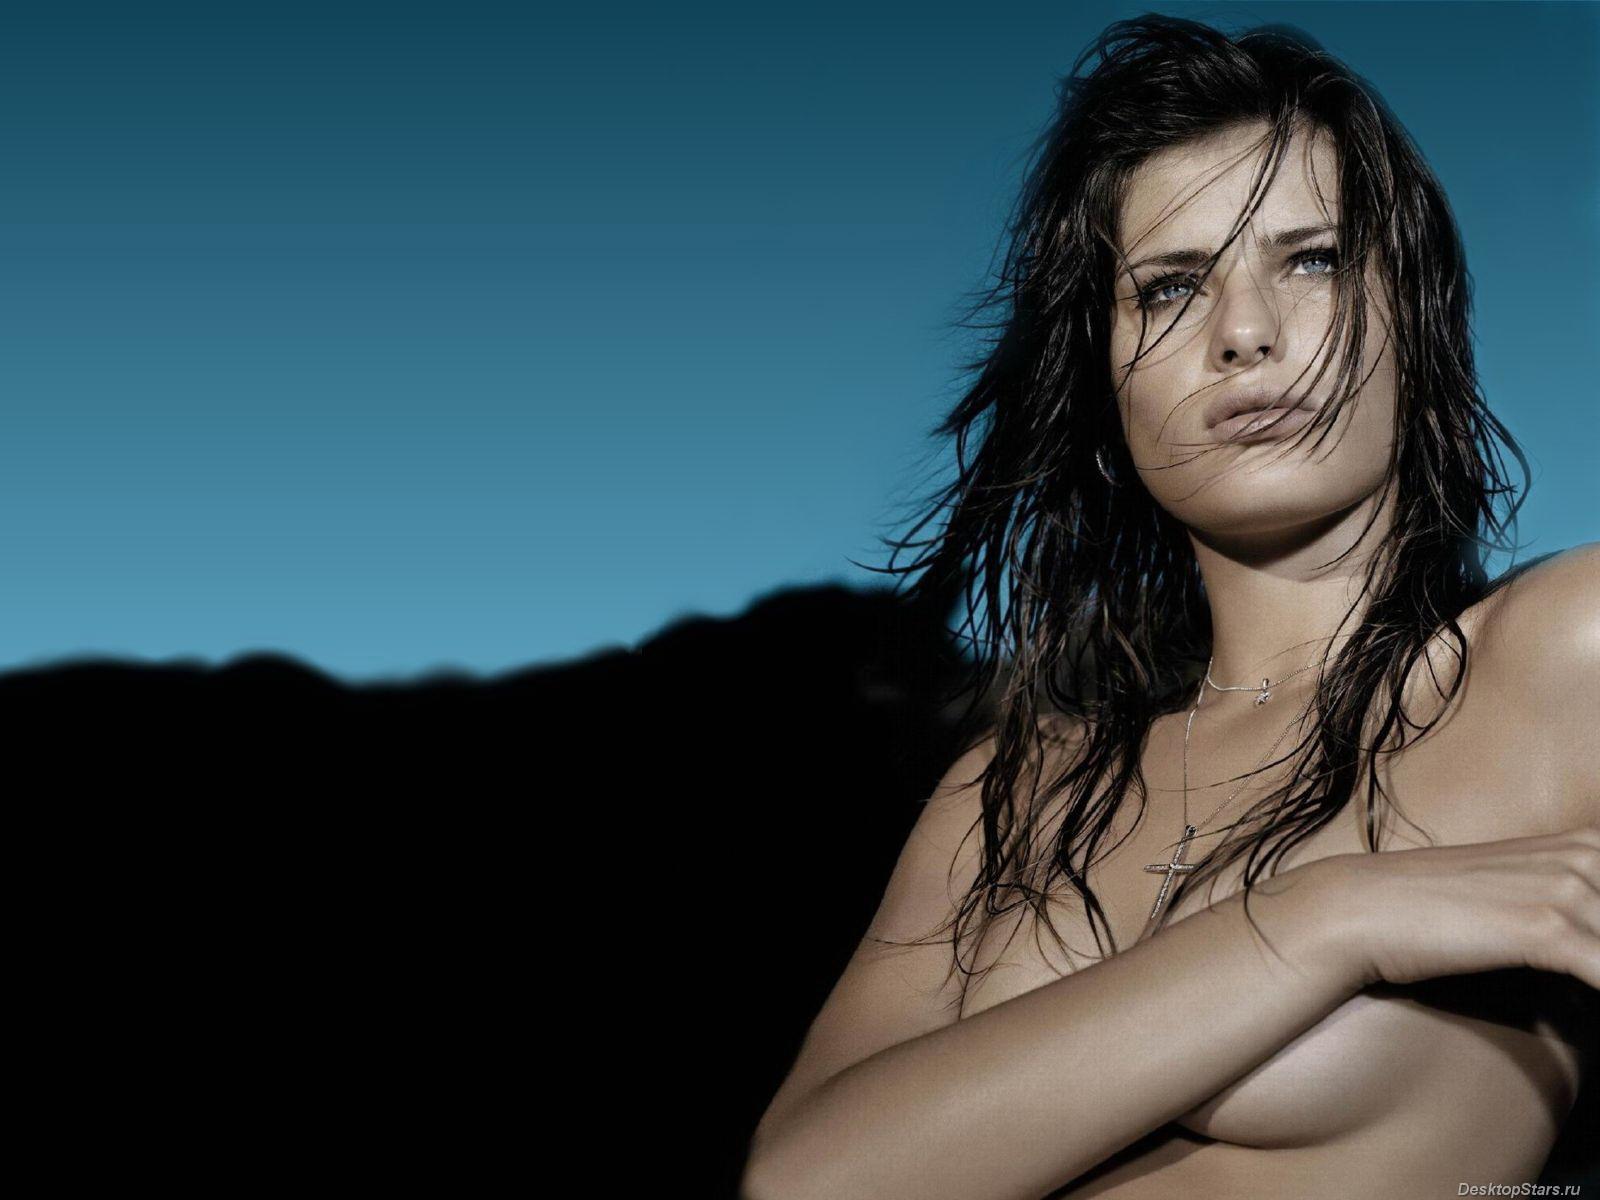 http://1.bp.blogspot.com/-0-6lducWJK8/T-ntIVc-OrI/AAAAAAAAGjM/yEIWy0WaFUo/s1600/isabeli-fontana-hot-picture-piccol+(7).jpg